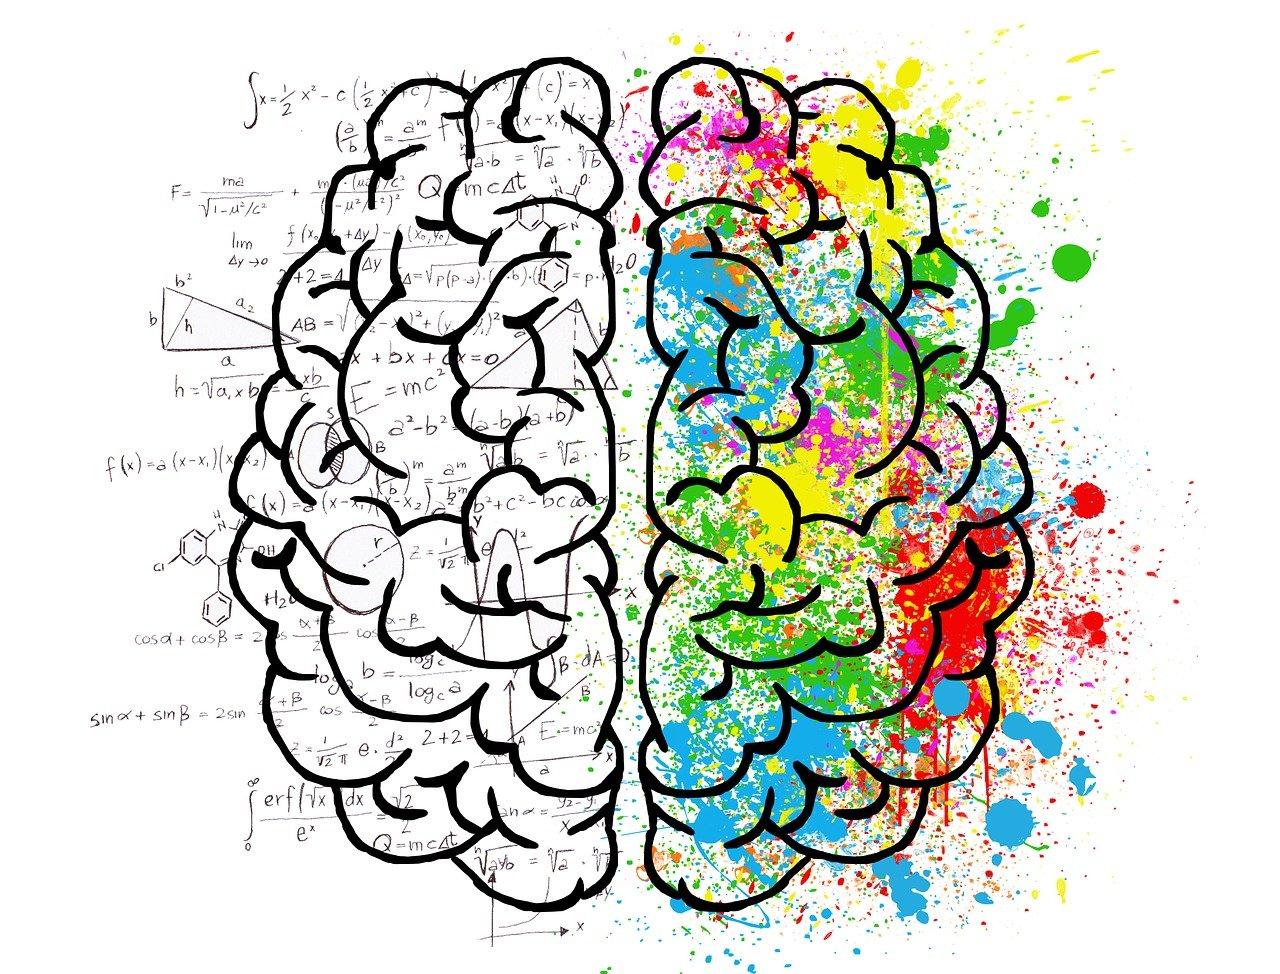 Ученым удалось исследовать тайную зону мозга человека